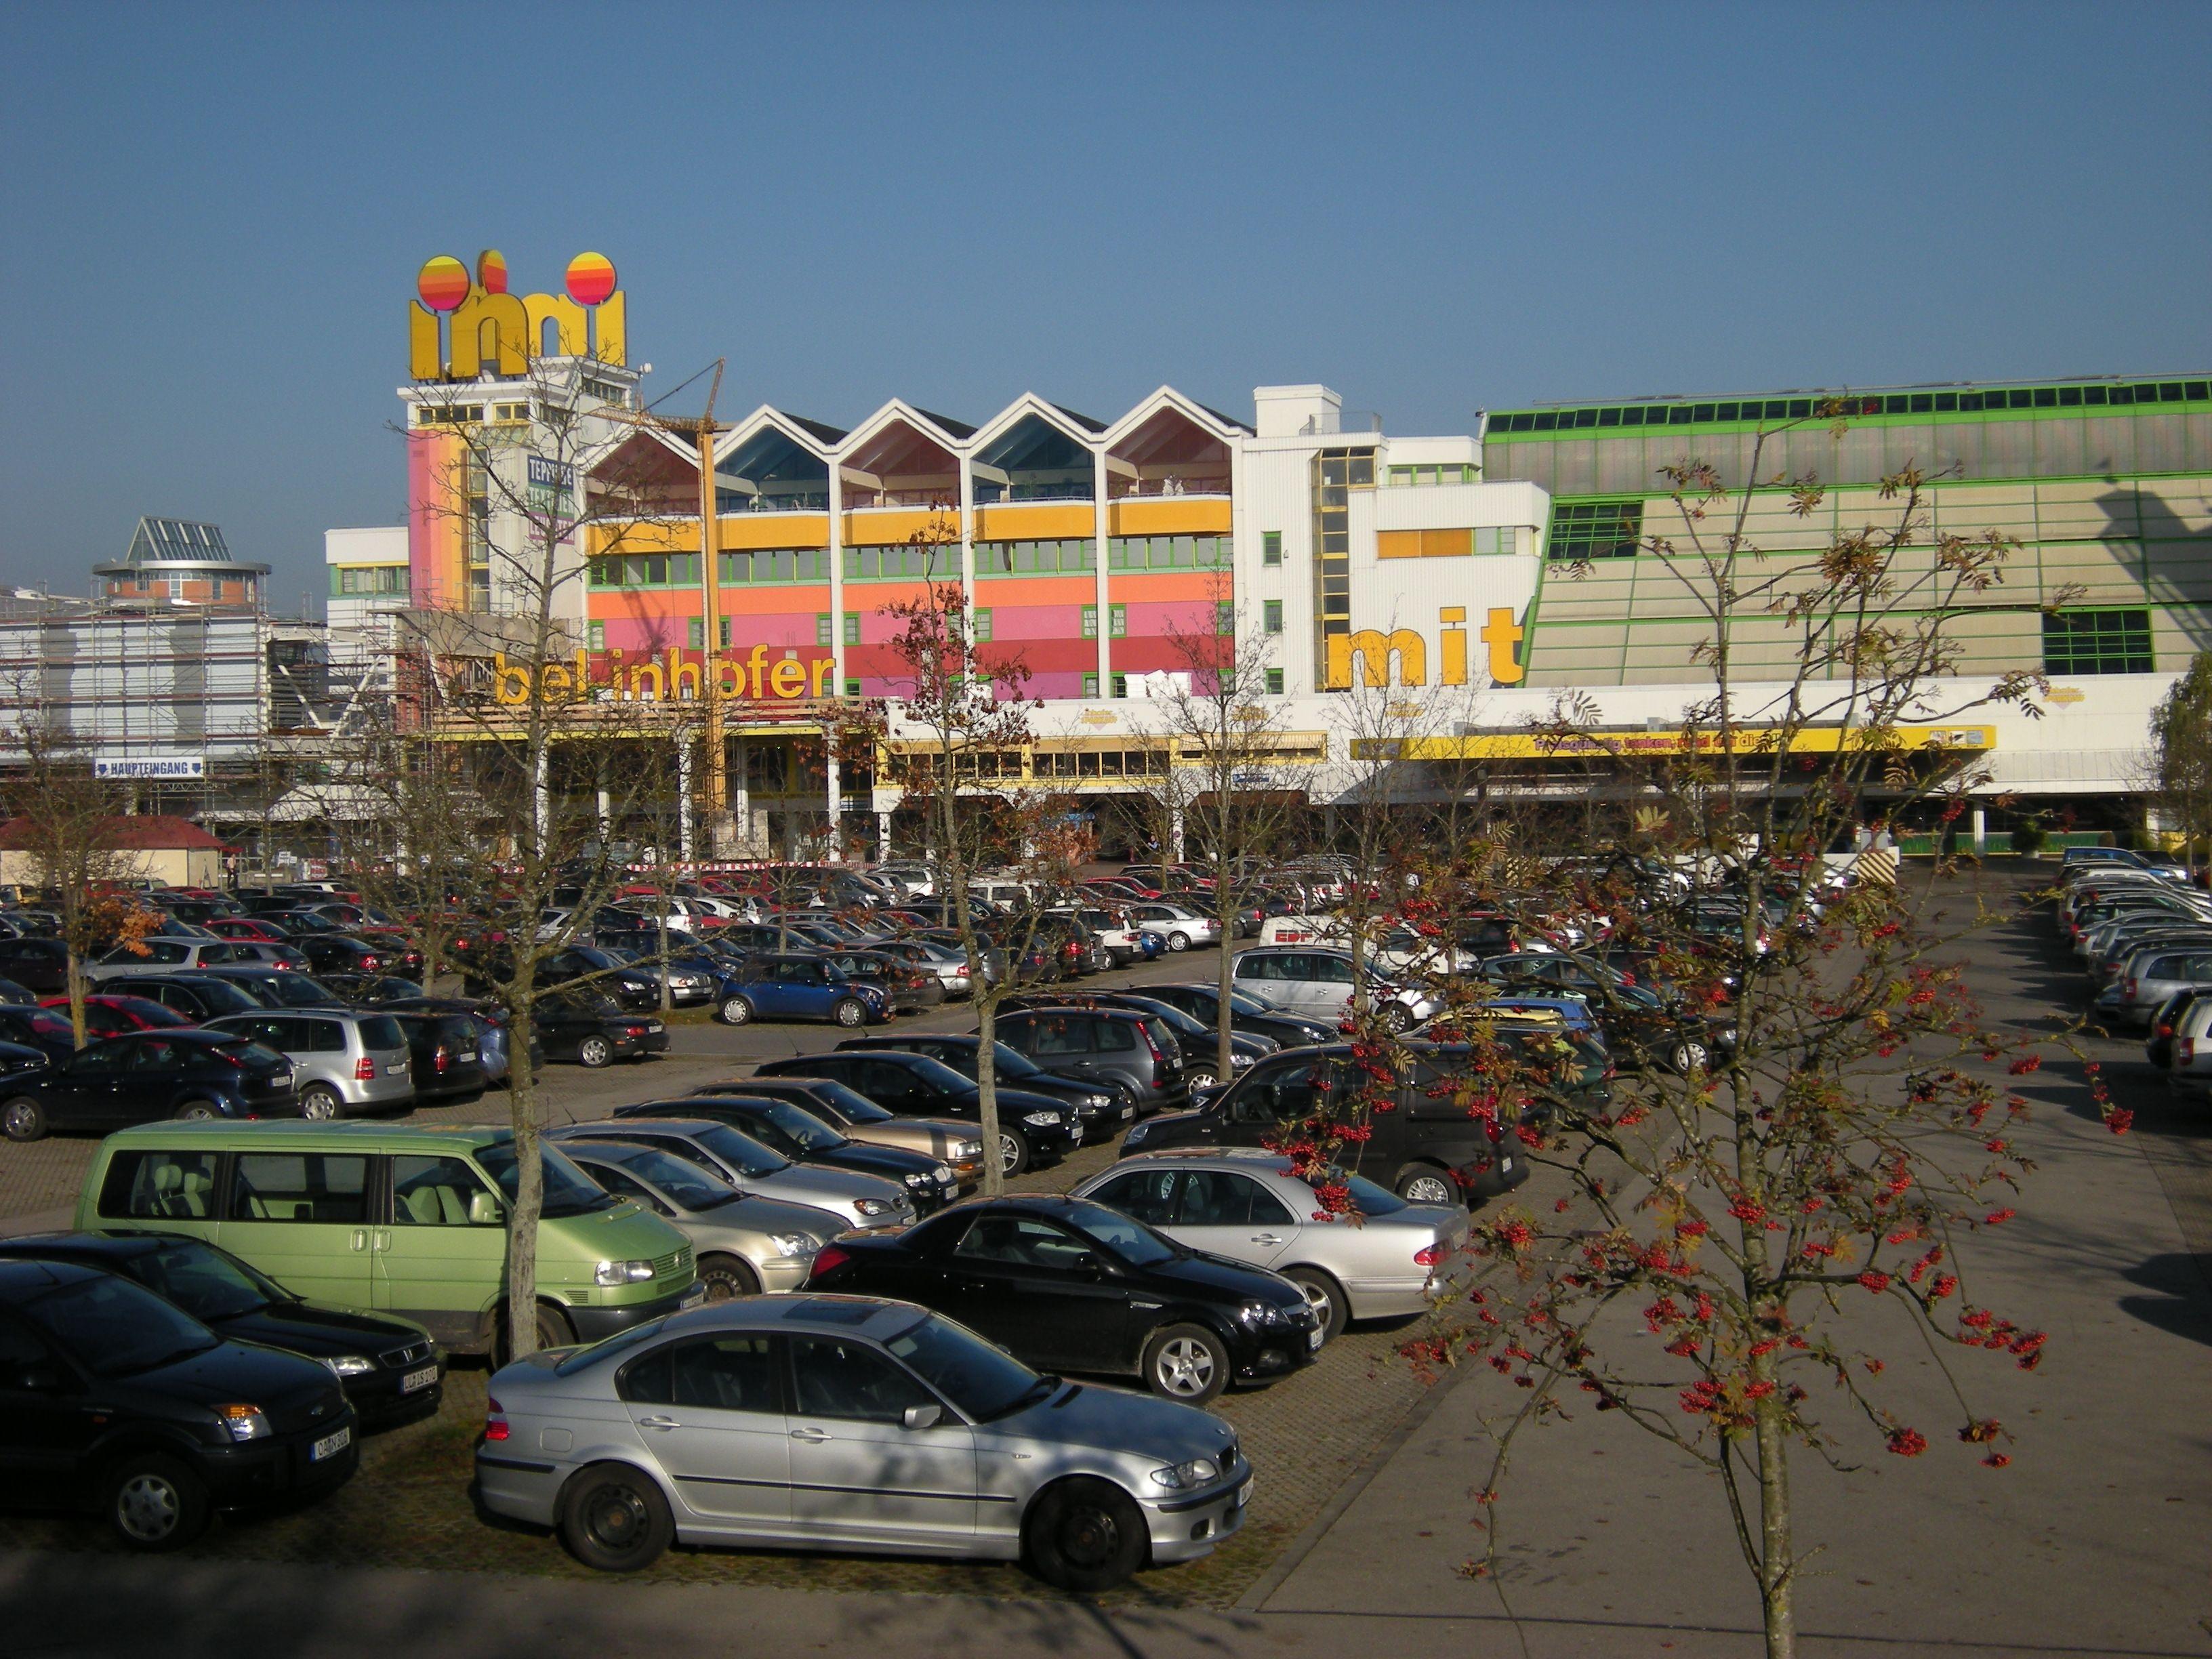 Dateimöbelhaus Inhofer Mit Vollem Parkplatzjpg Wikipedia